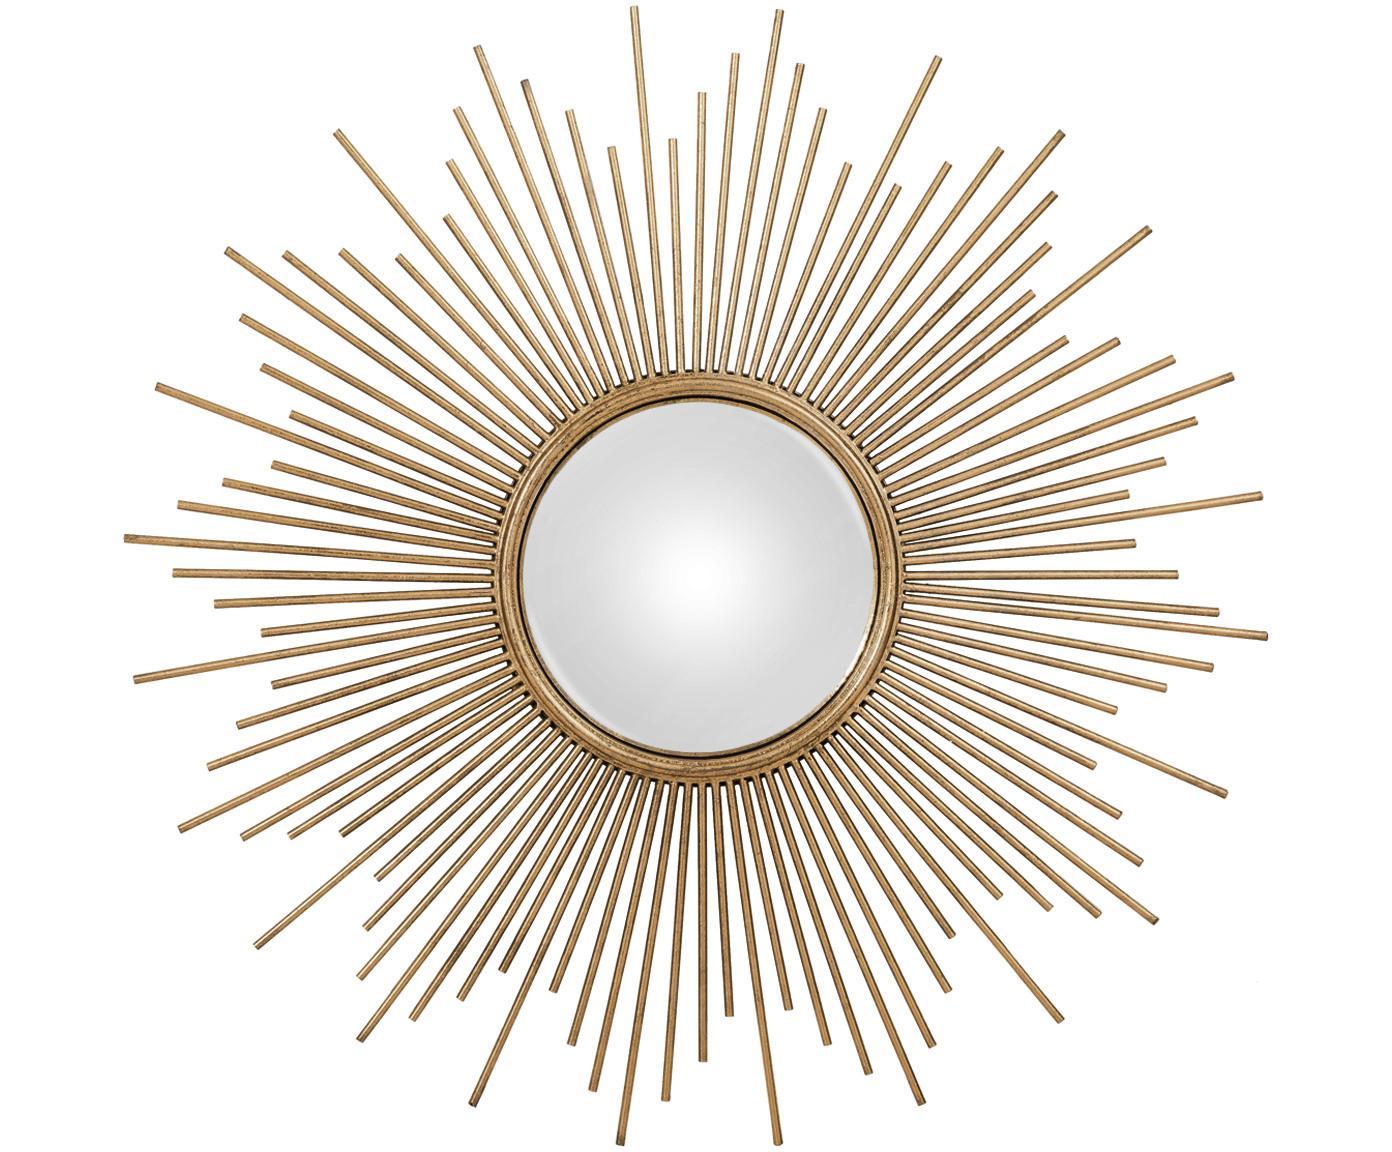 Sonnenspiegel Cora in Gold, Rahmen: Metall, Spiegelfläche: Spiegelglas, Goldfarben, Ø 98 cm